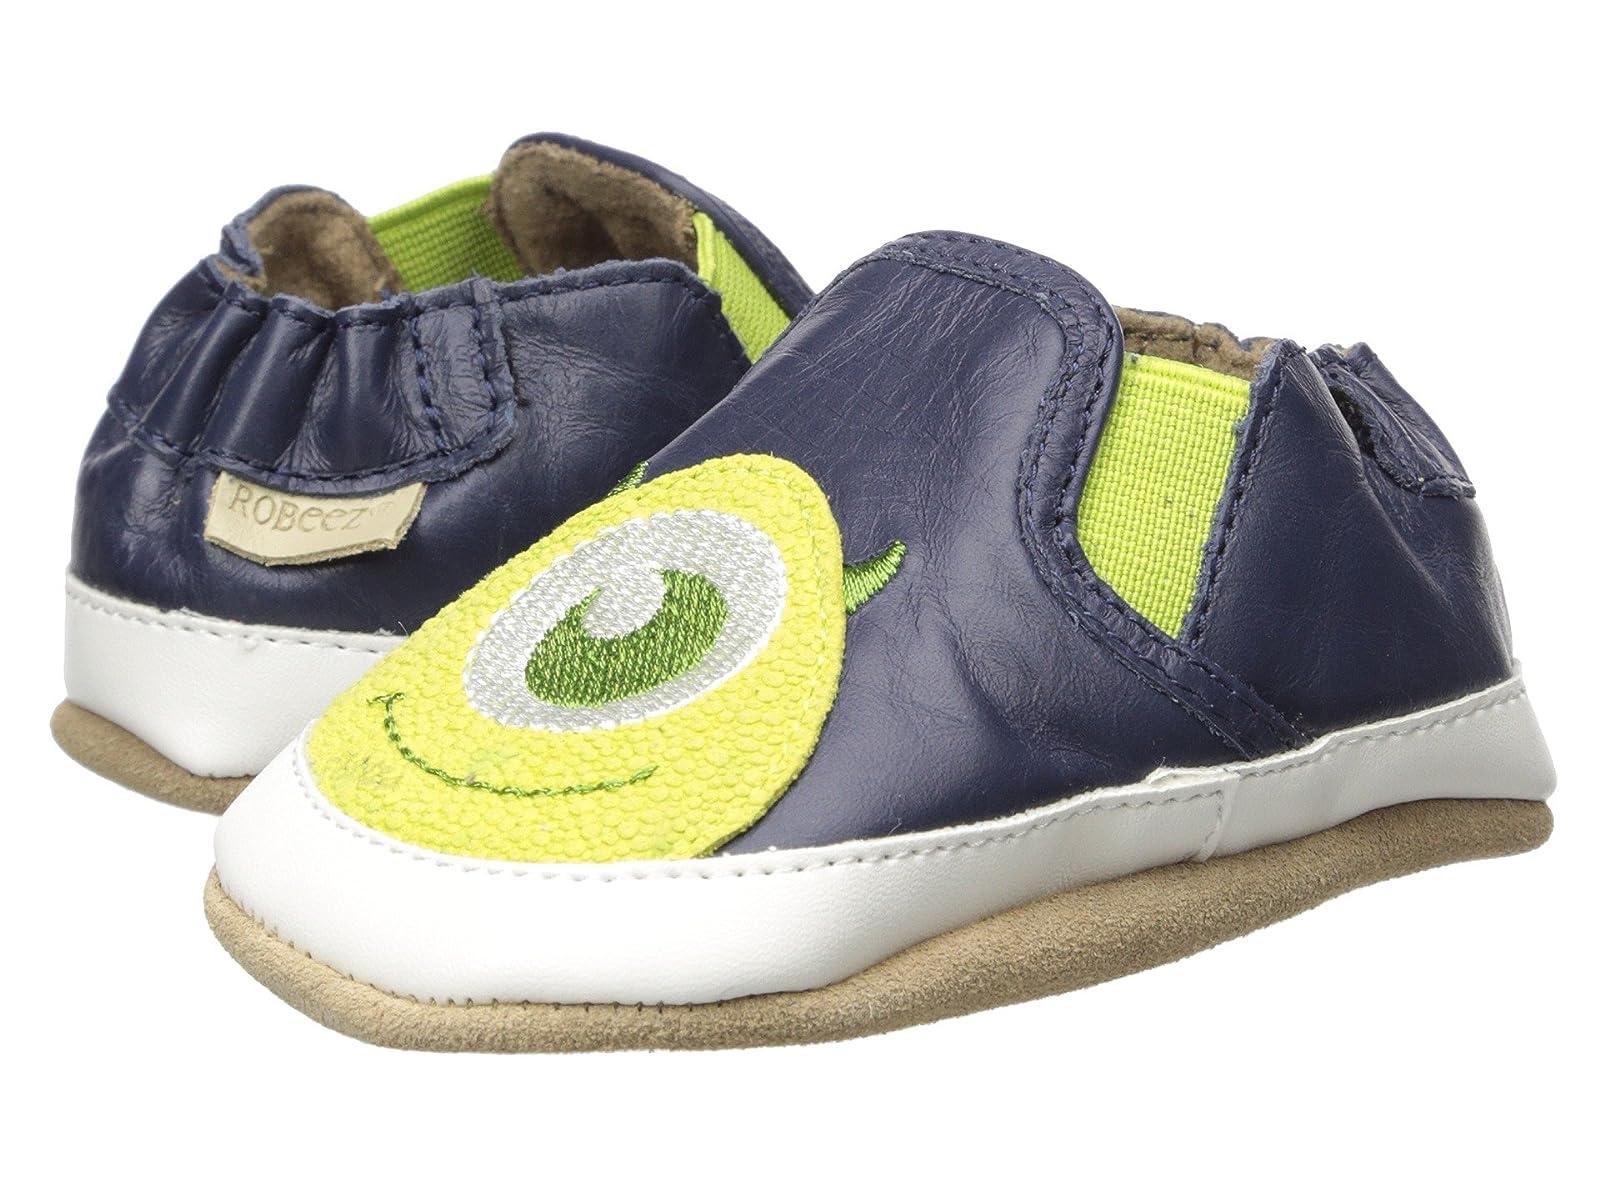 Robeez Disney Little Monster Soft Sole (Infant/Toddler)Atmospheric grades have affordable shoes